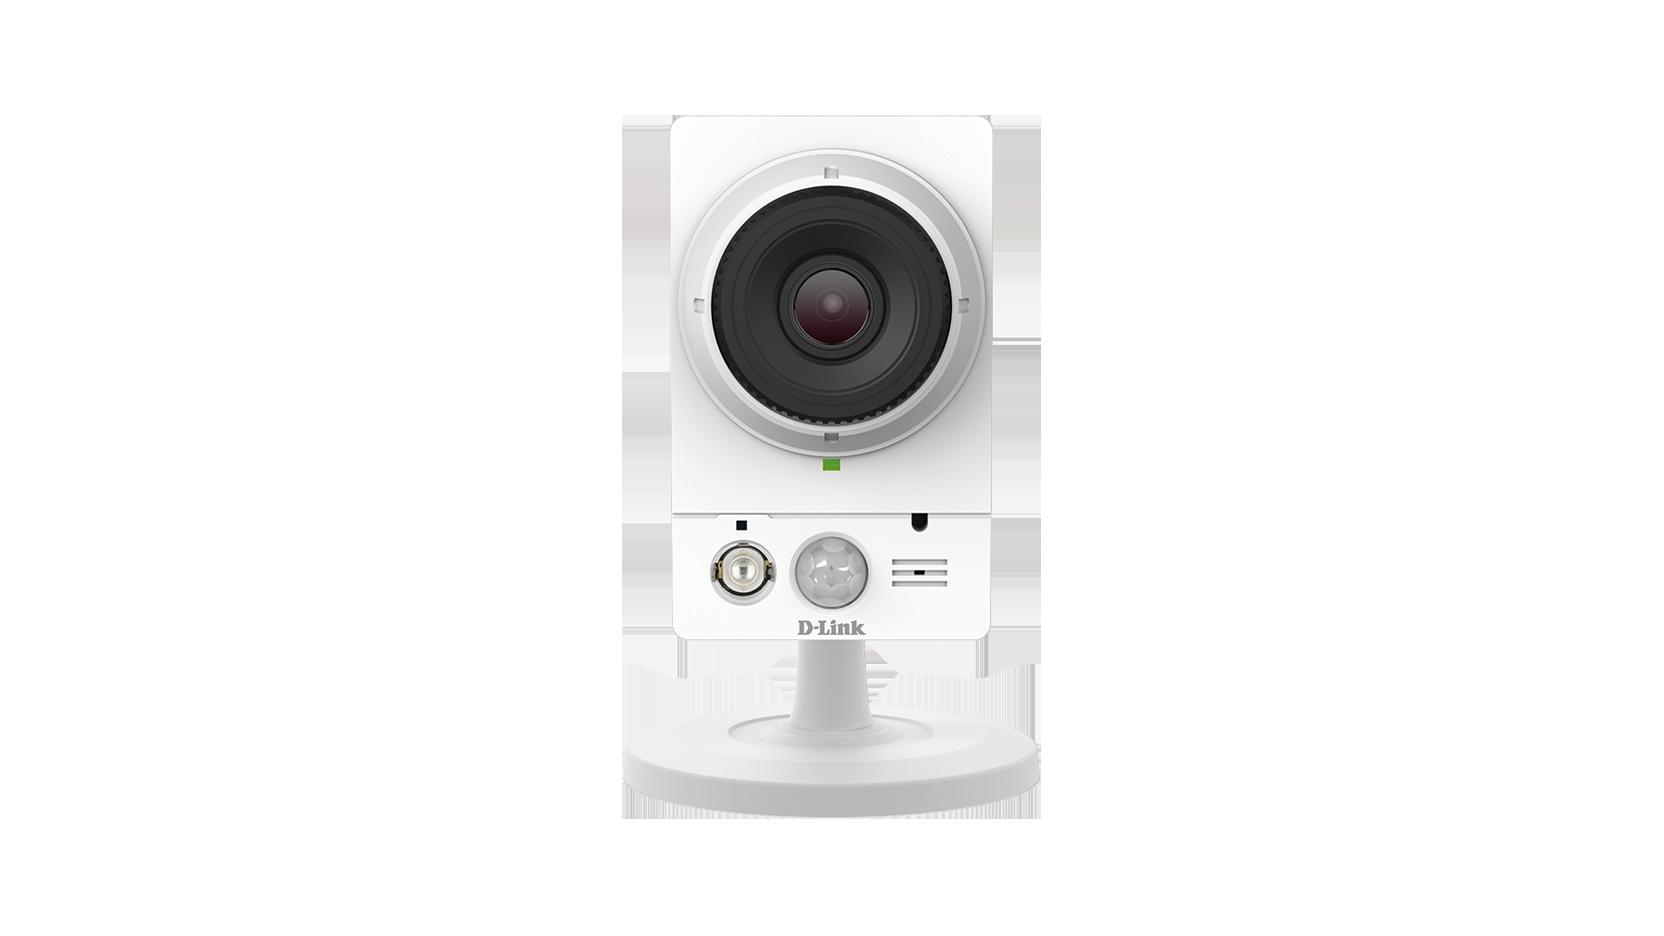 D-Link DCS-2230 IP Camera Drivers Download (2019)